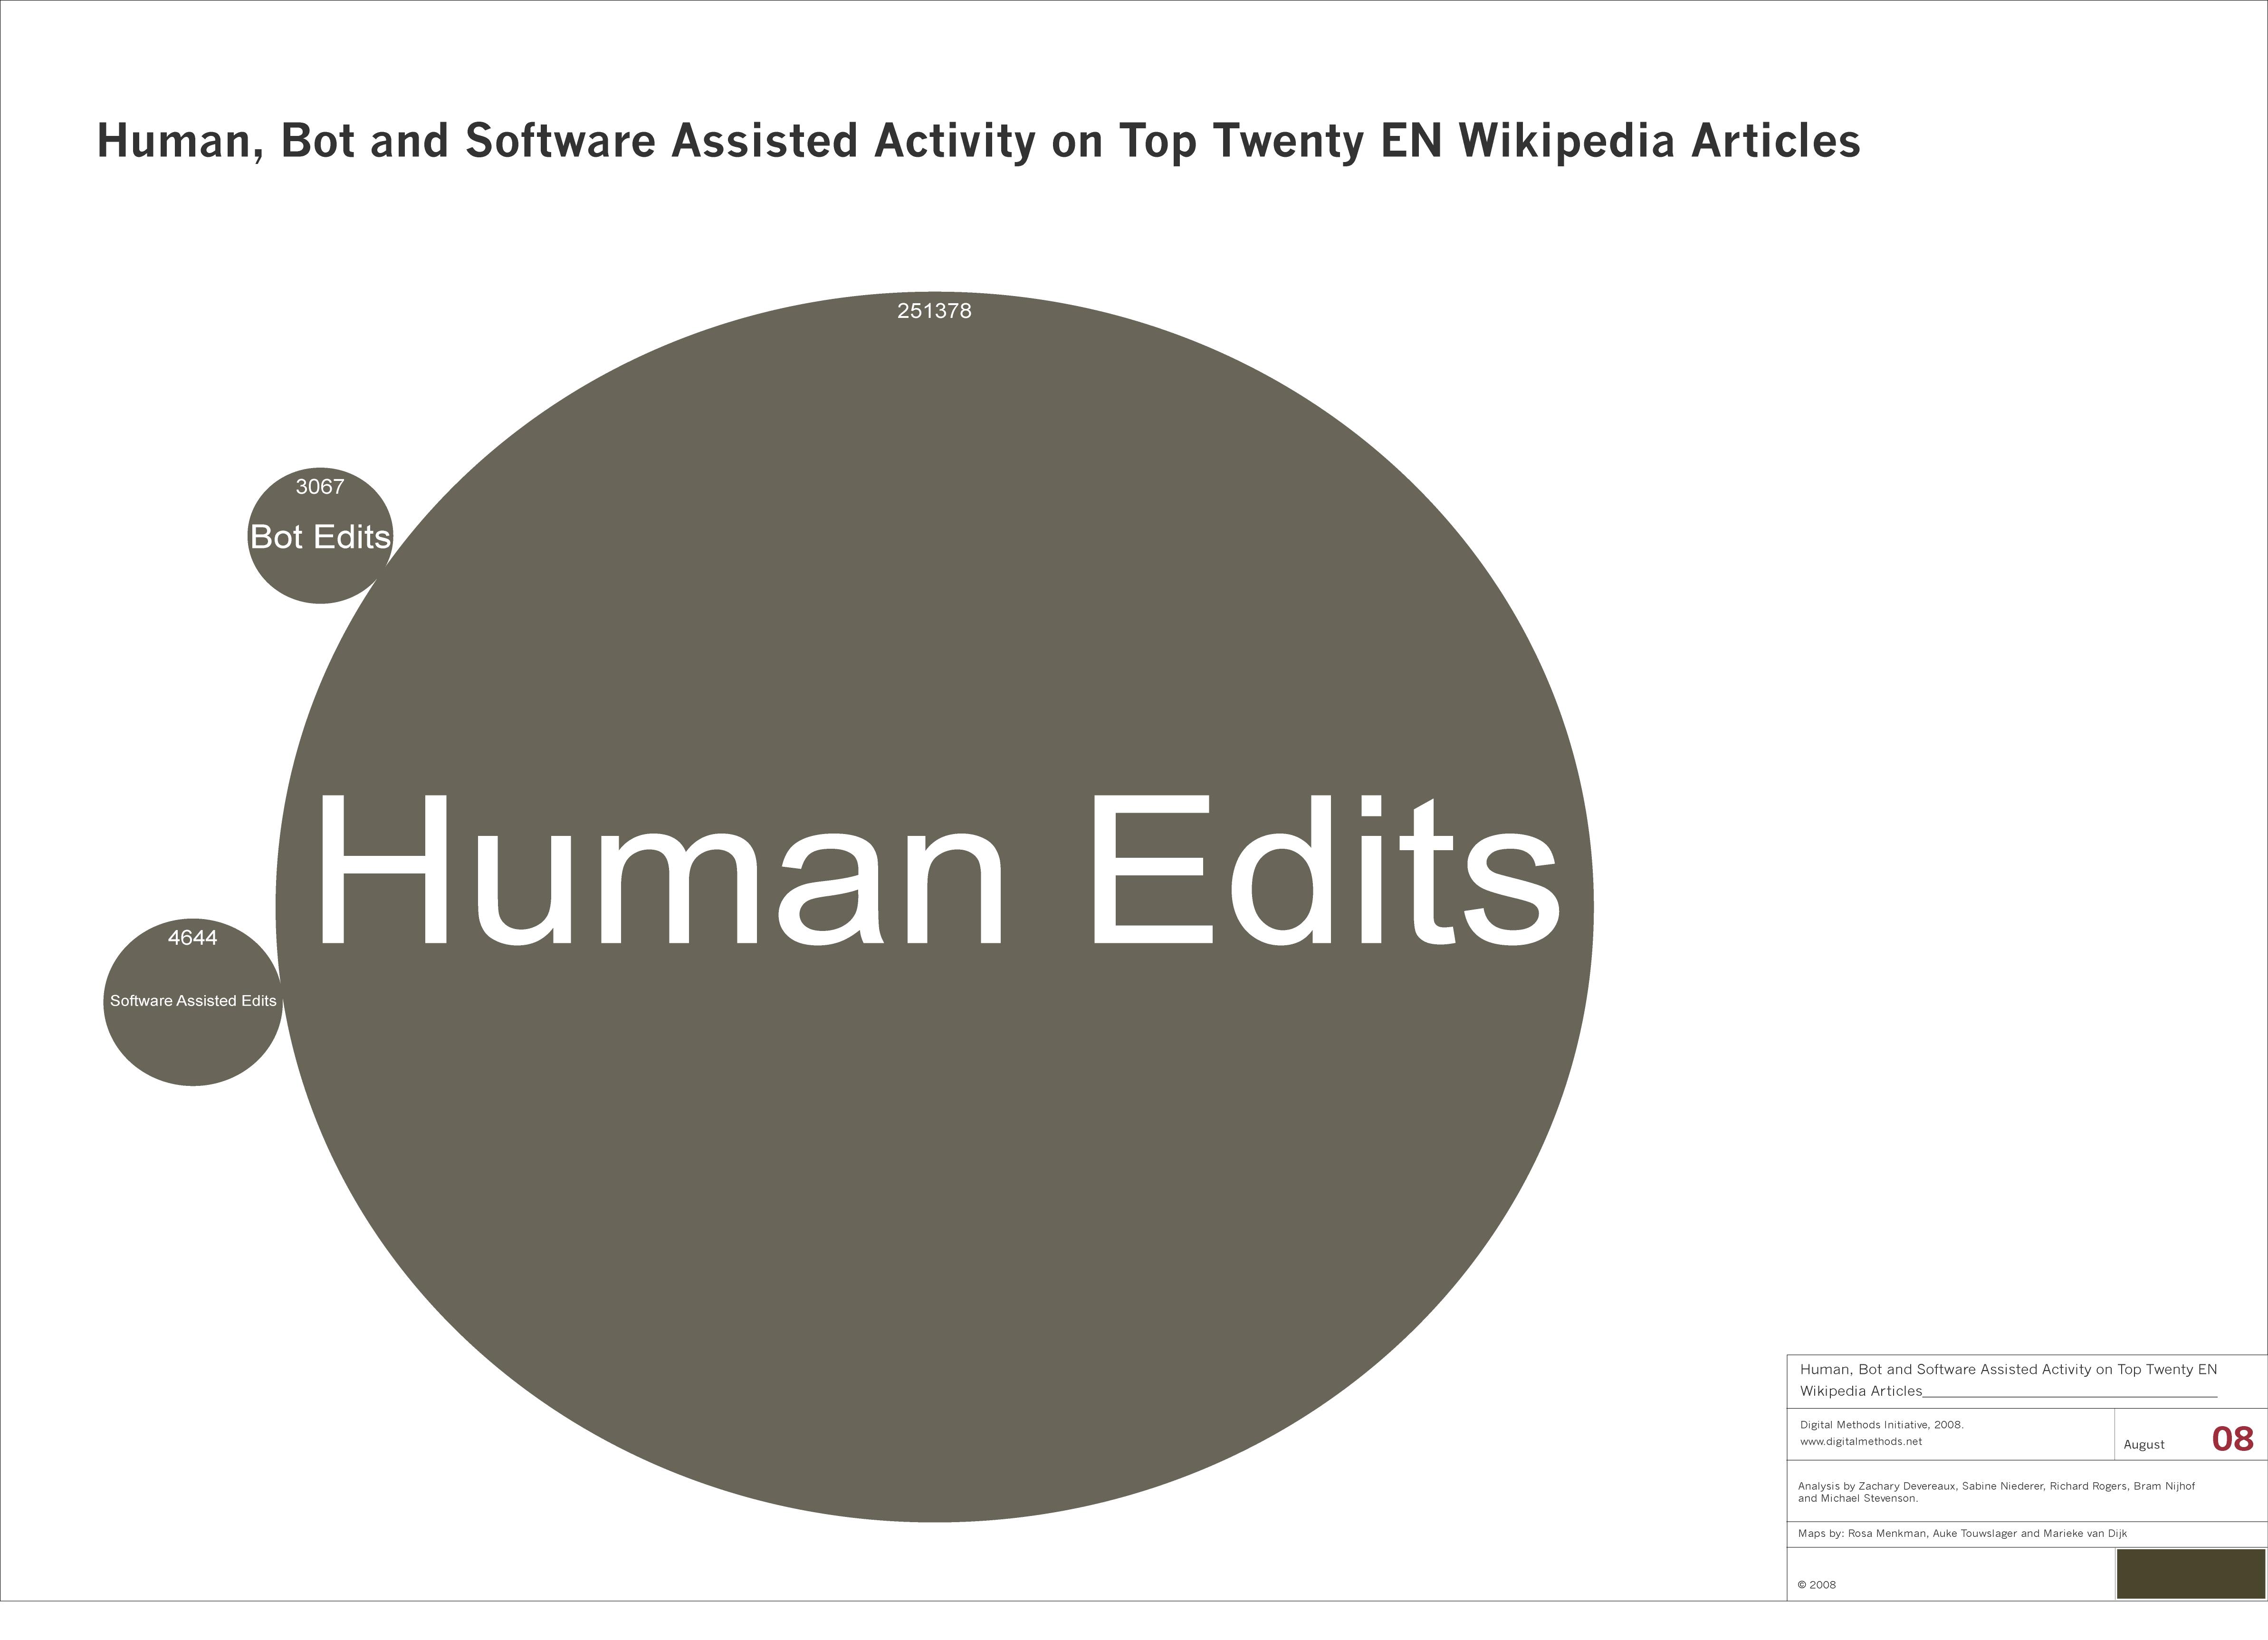 HumanBotandSoftwareAssistedActivityonTopTwentyENWikipedia.png